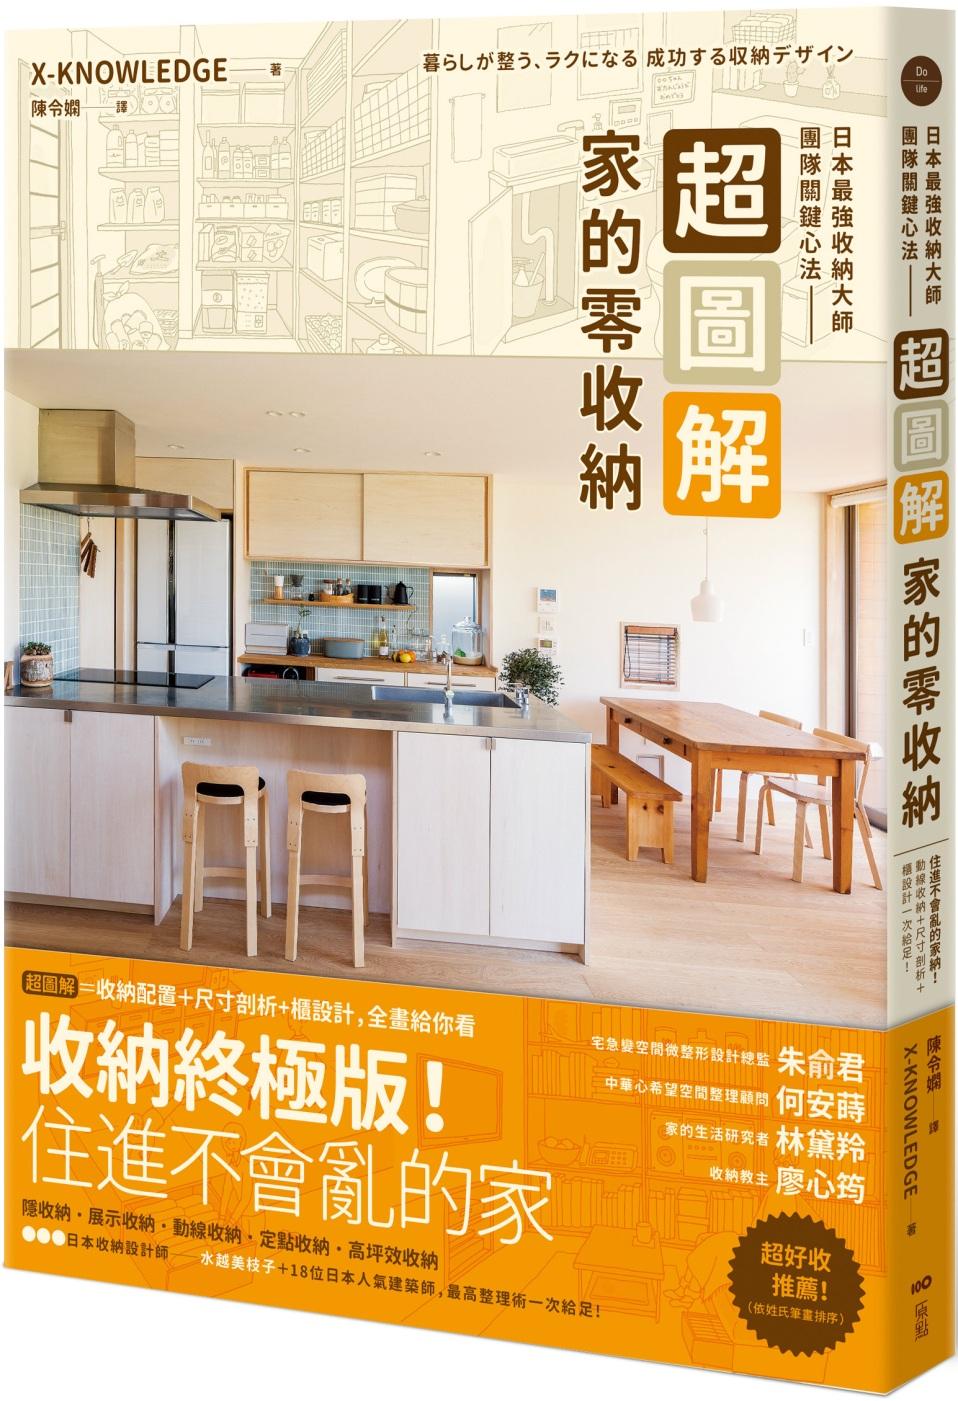 超圖解!家的零收納—日本最強收納大師團隊關鍵心法:住進不會亂的家!動線收納+尺寸剖析+櫃設計一次給足